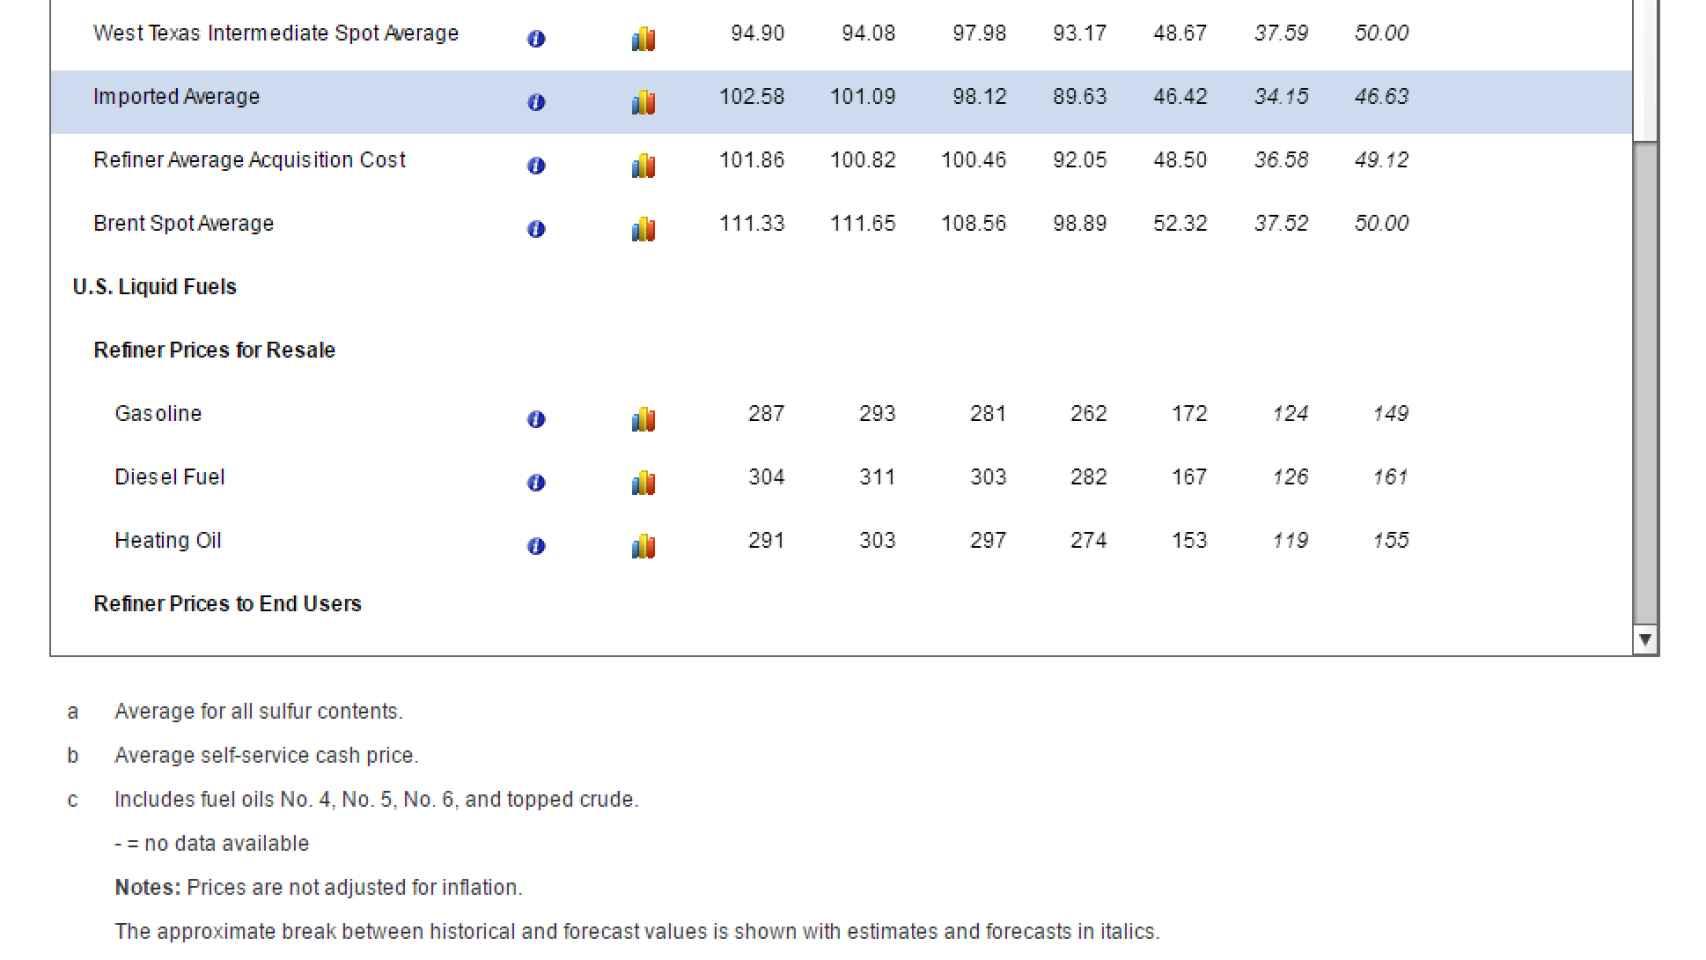 Precios futuros del crudo según la Agencia de EEUU de Información sobre Energía.